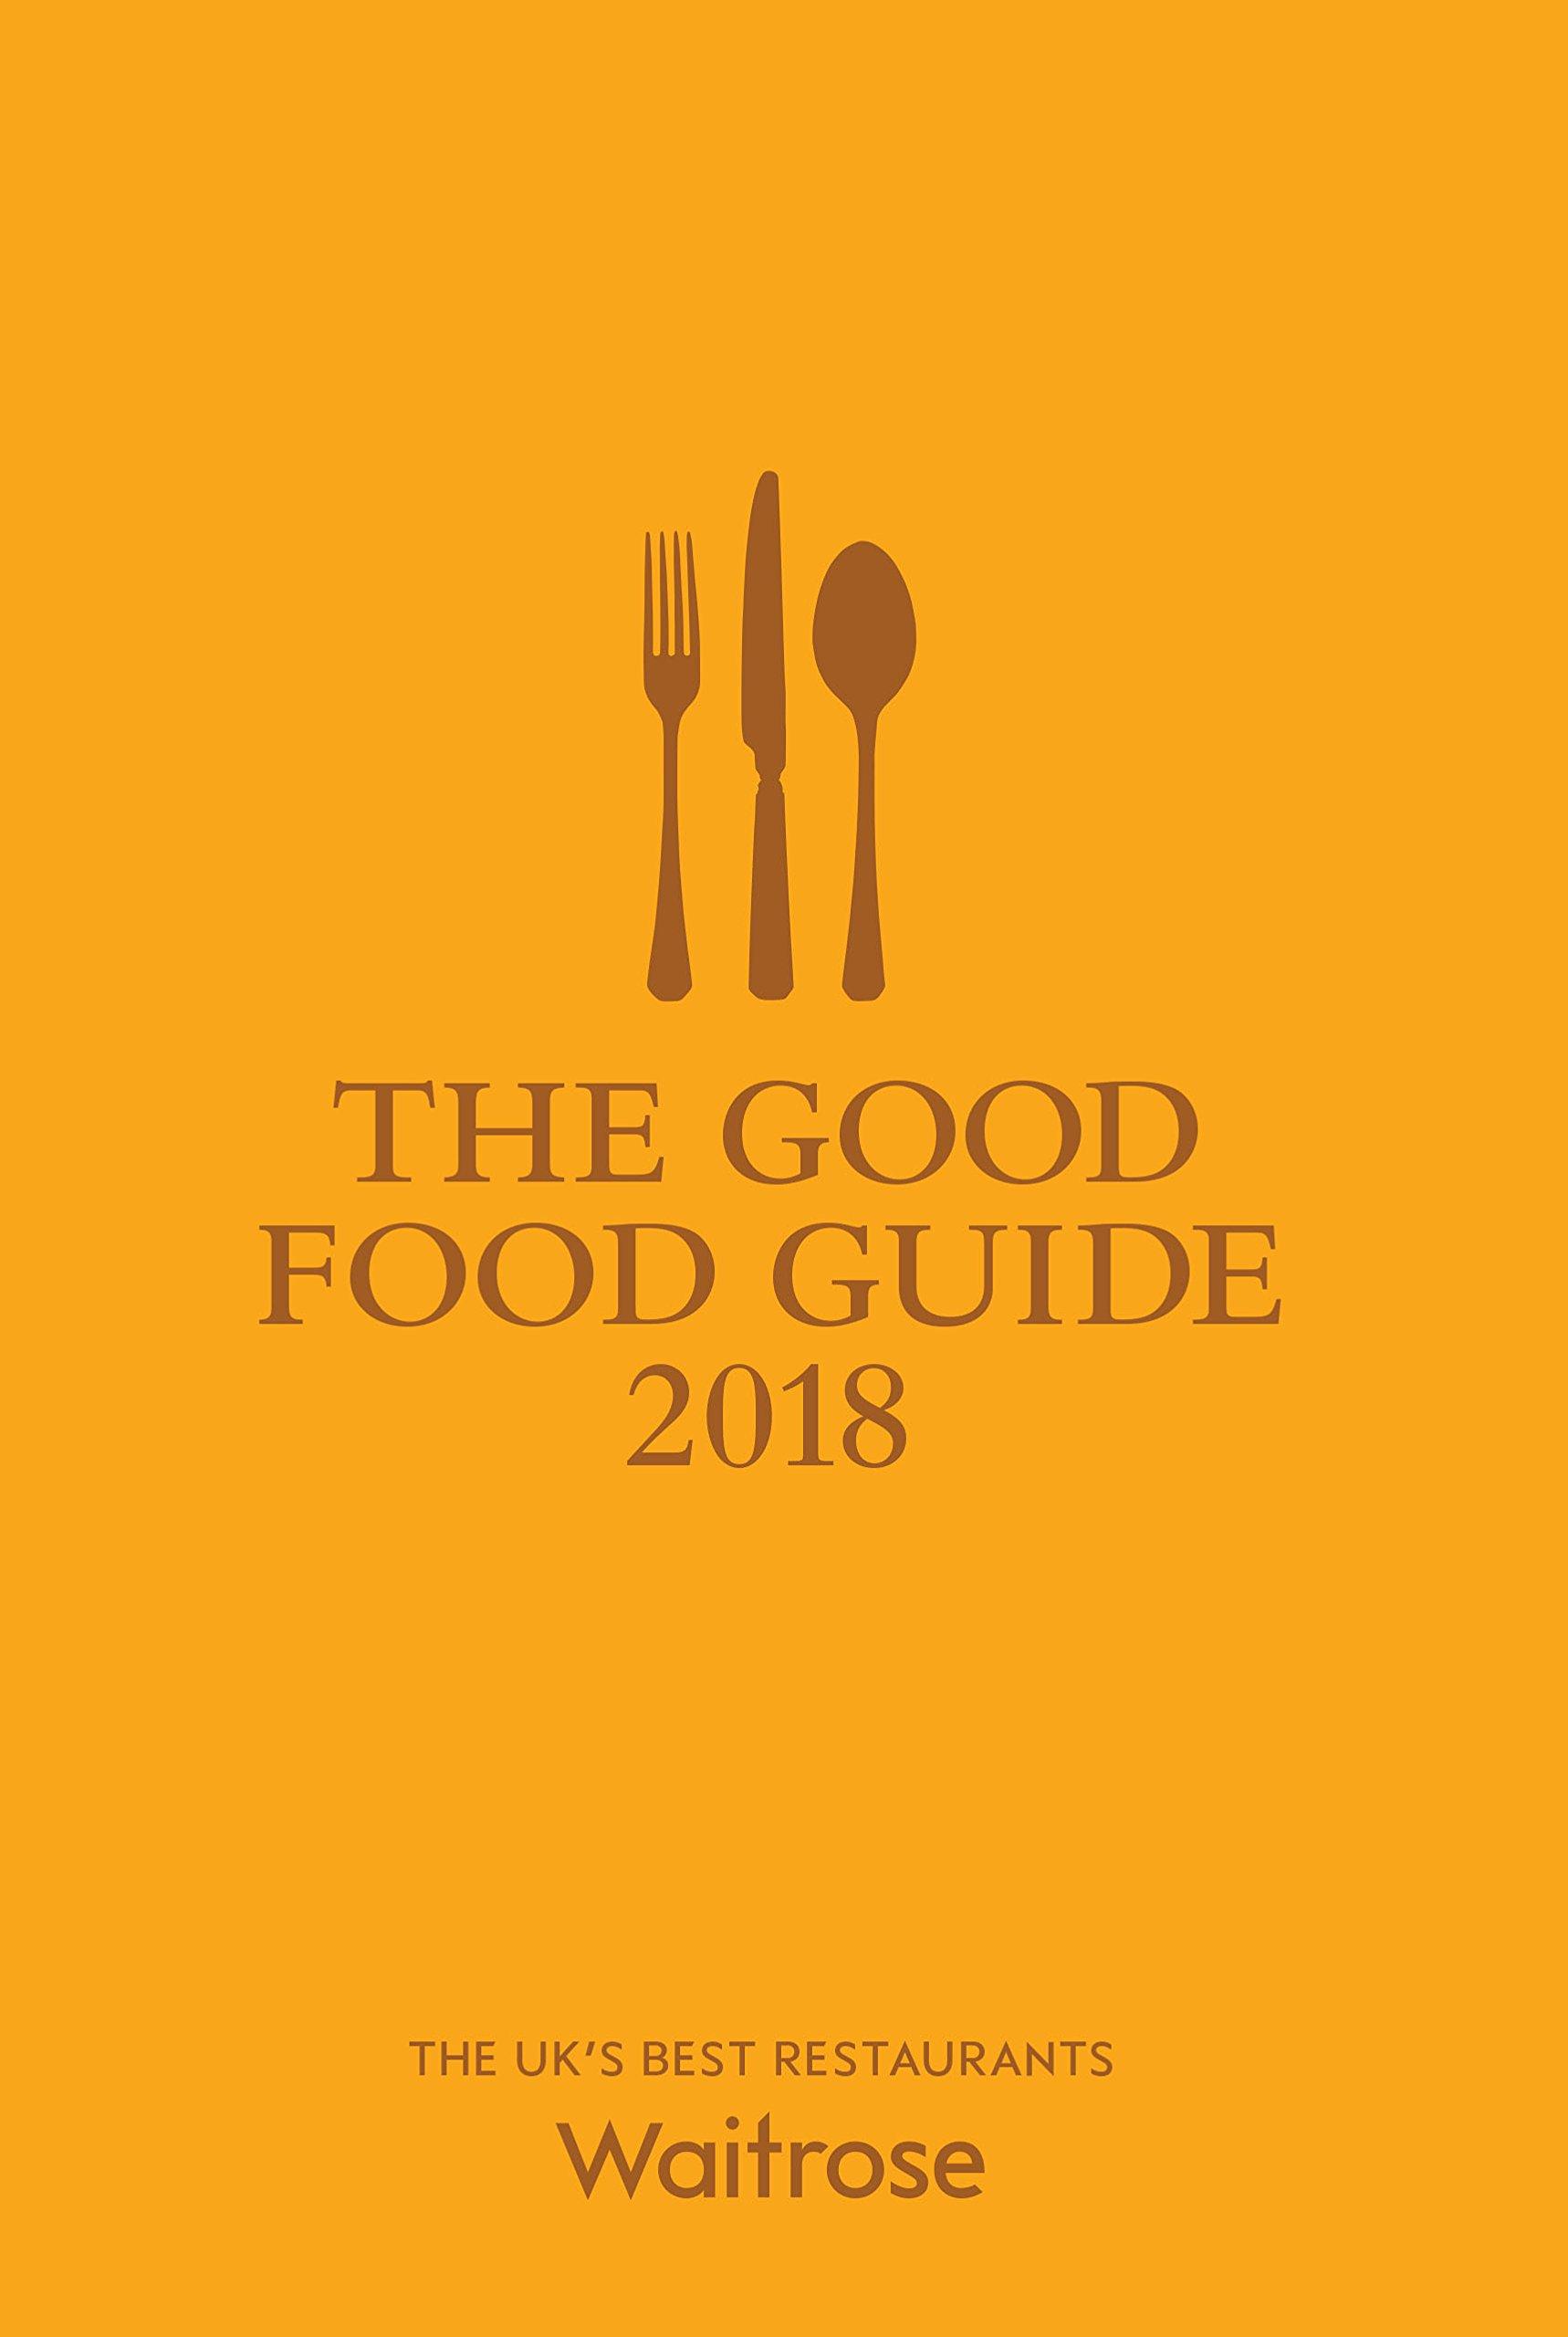 Giovanni gandini the best restaurants for Cuisine good food guide 2017